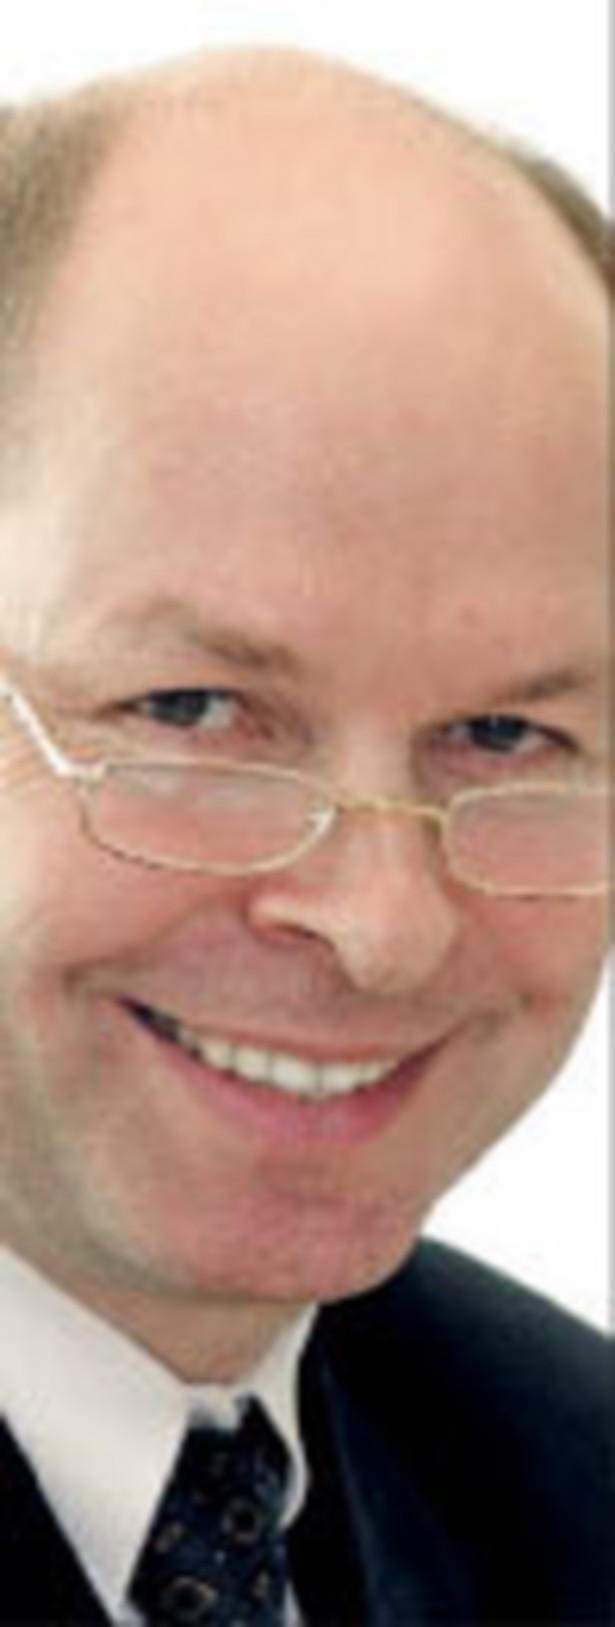 Krzysztof Wierzbowski, partner zarządzający w Kancelarii Wierzbowski Eversheds